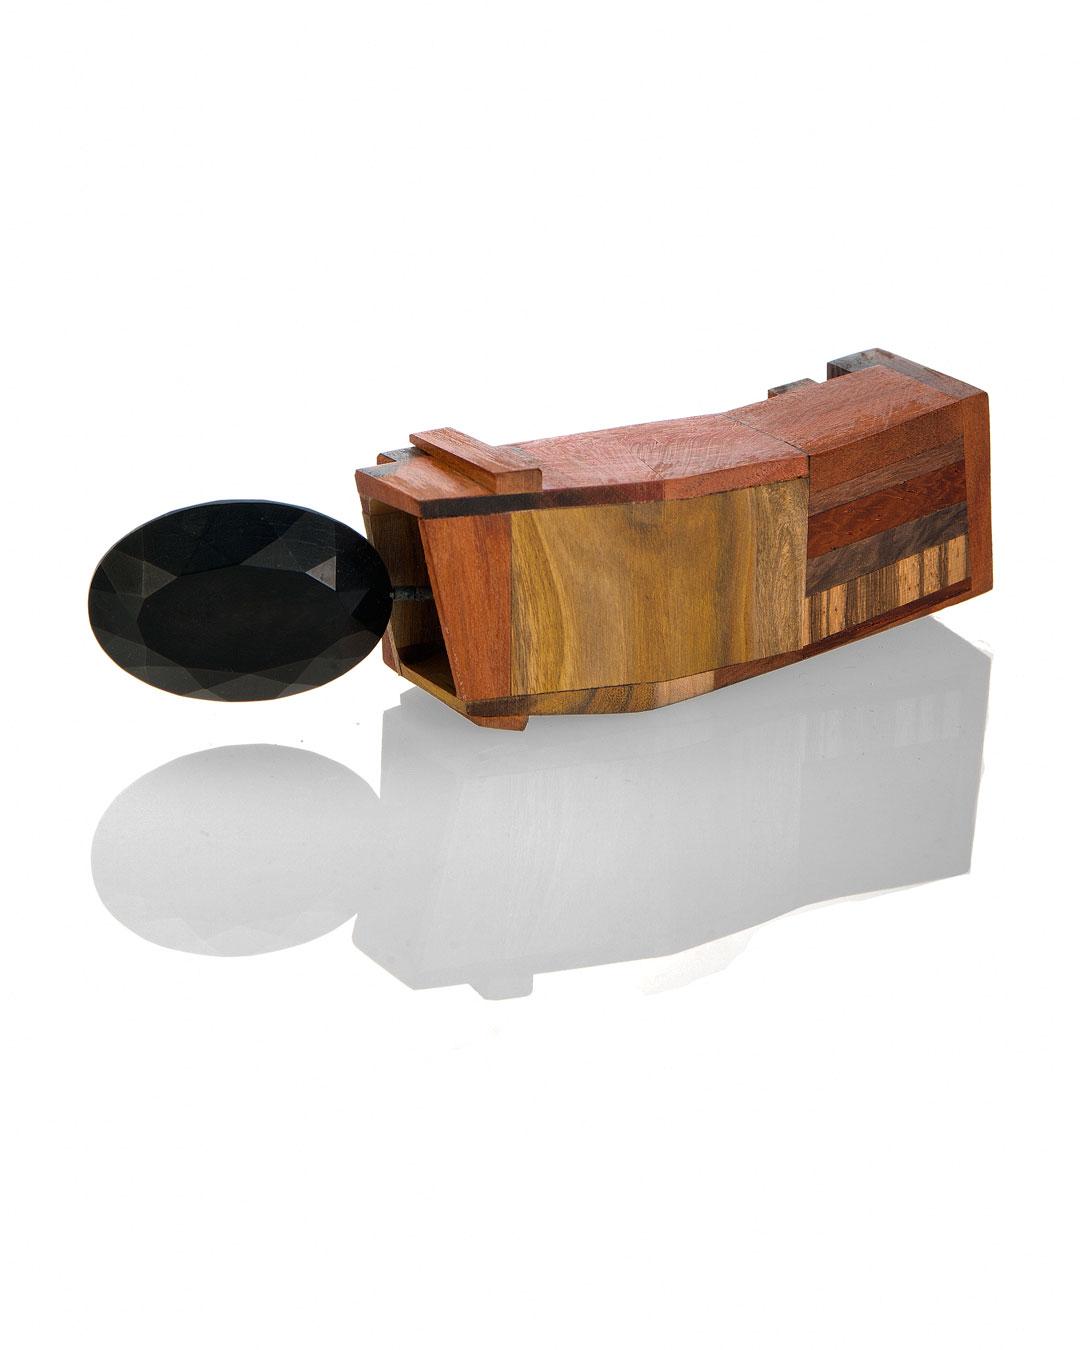 Tabea Reulecke, Schnitt für Schritt #3, 2012, brooch;  silver, various types of wood, 120 x 35 x 25 mm, €850